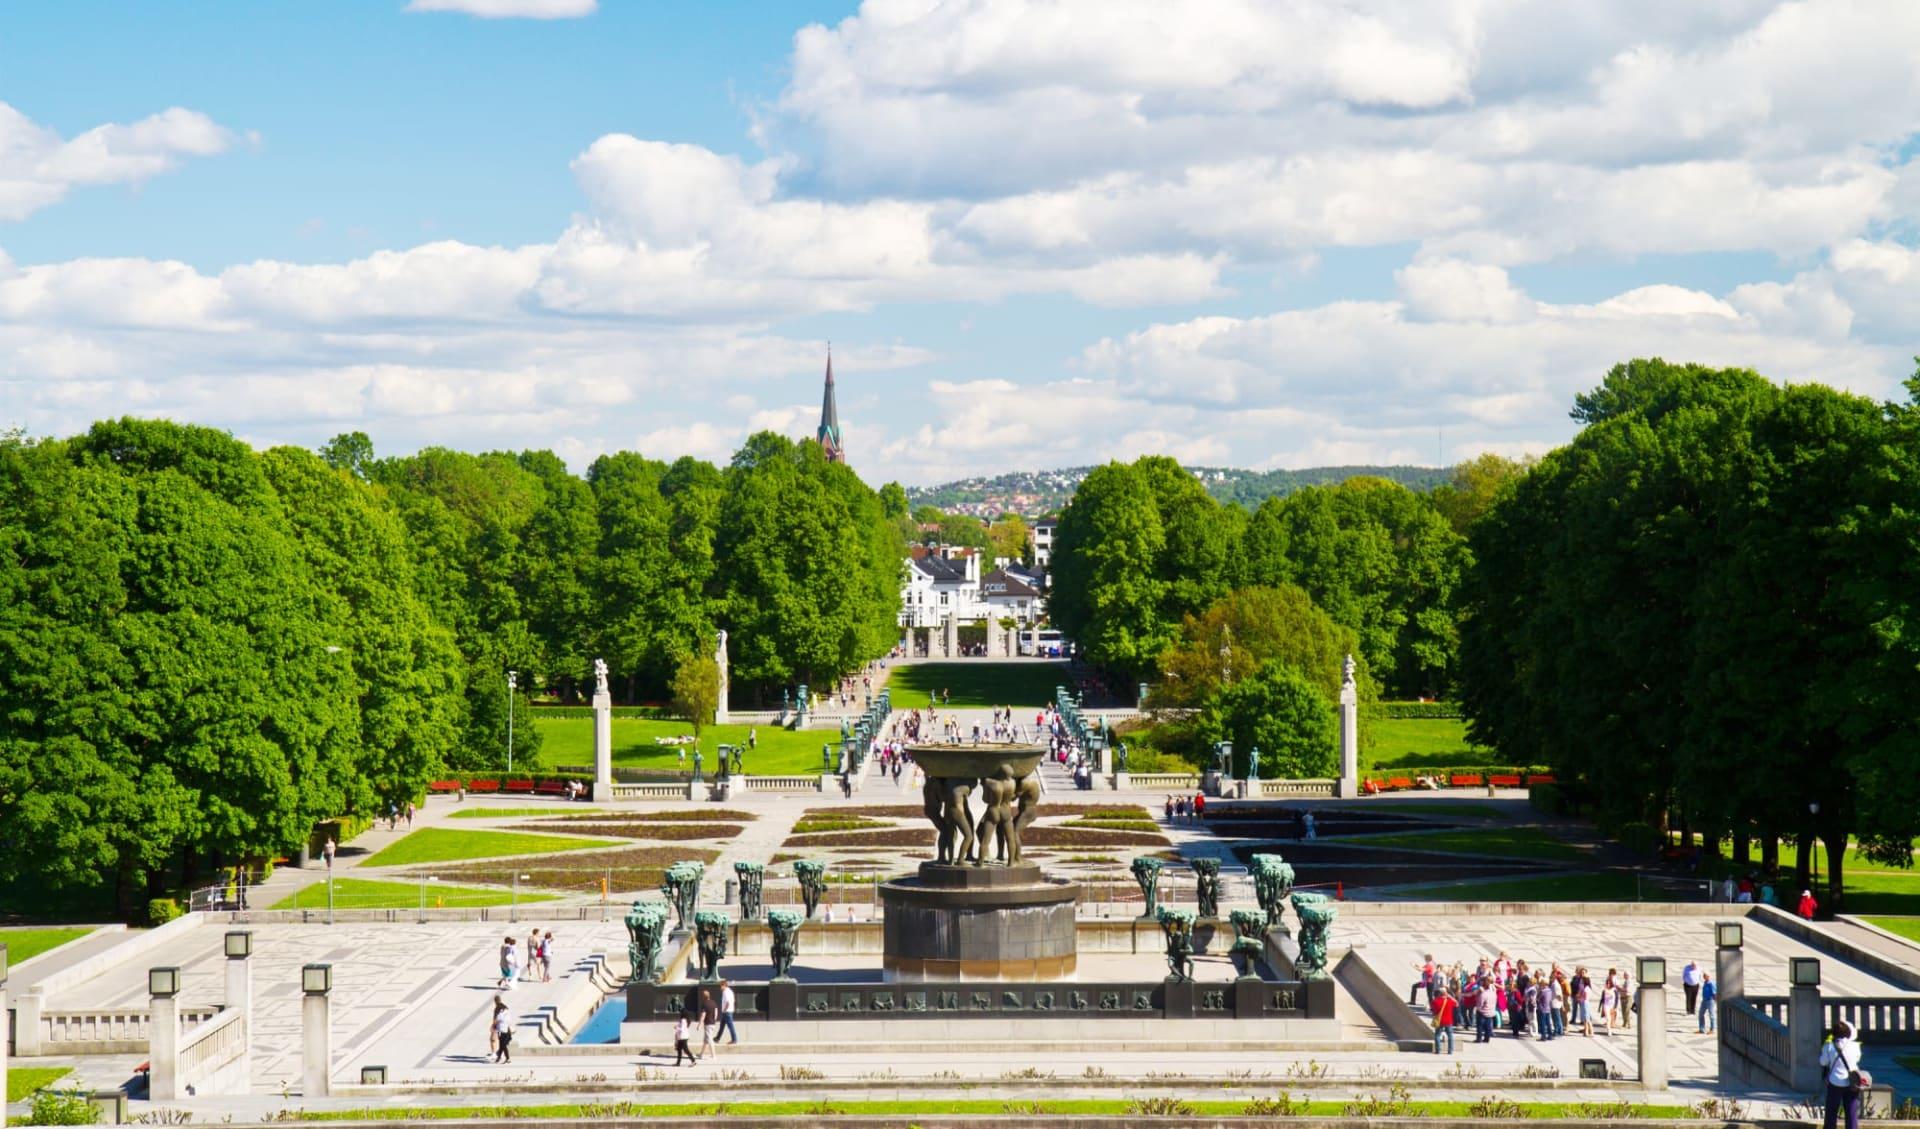 Comfort Grand Central in Oslo: Skulpturen im Vigeland Park Oslo Norwegen